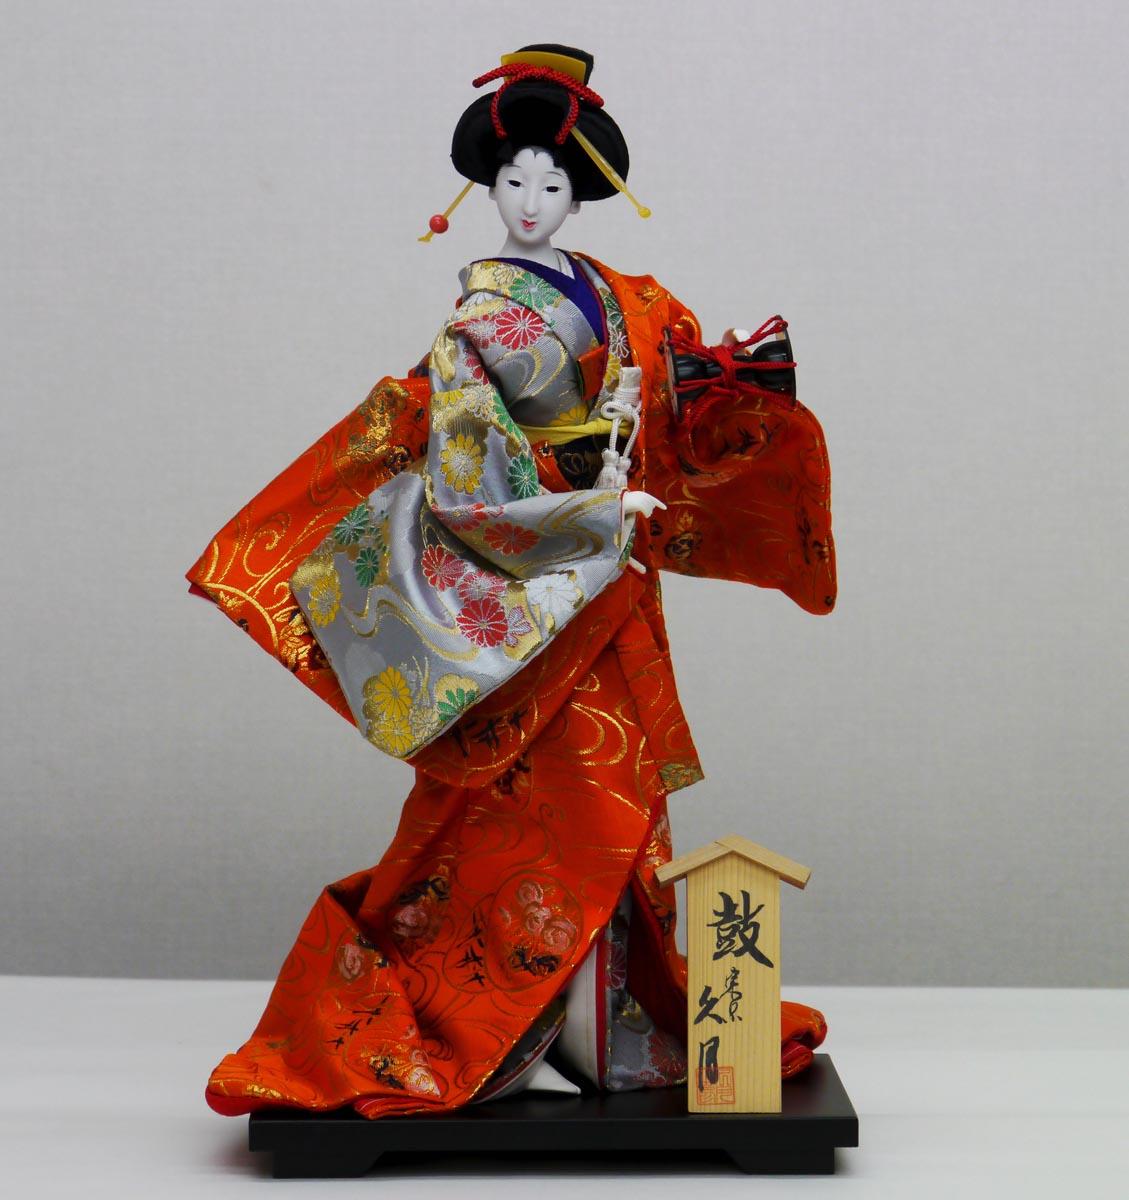 久月作 日本人形(尾山人形) 10号 【打掛】 Japanese doll 〈日本の伝統品 にほんにんぎょう 和人形 お人形 和の置物・お飾り・インテリア 日本のおみやげ 海外・外国へのお土産・プレゼントにもおススメです! 通販〉